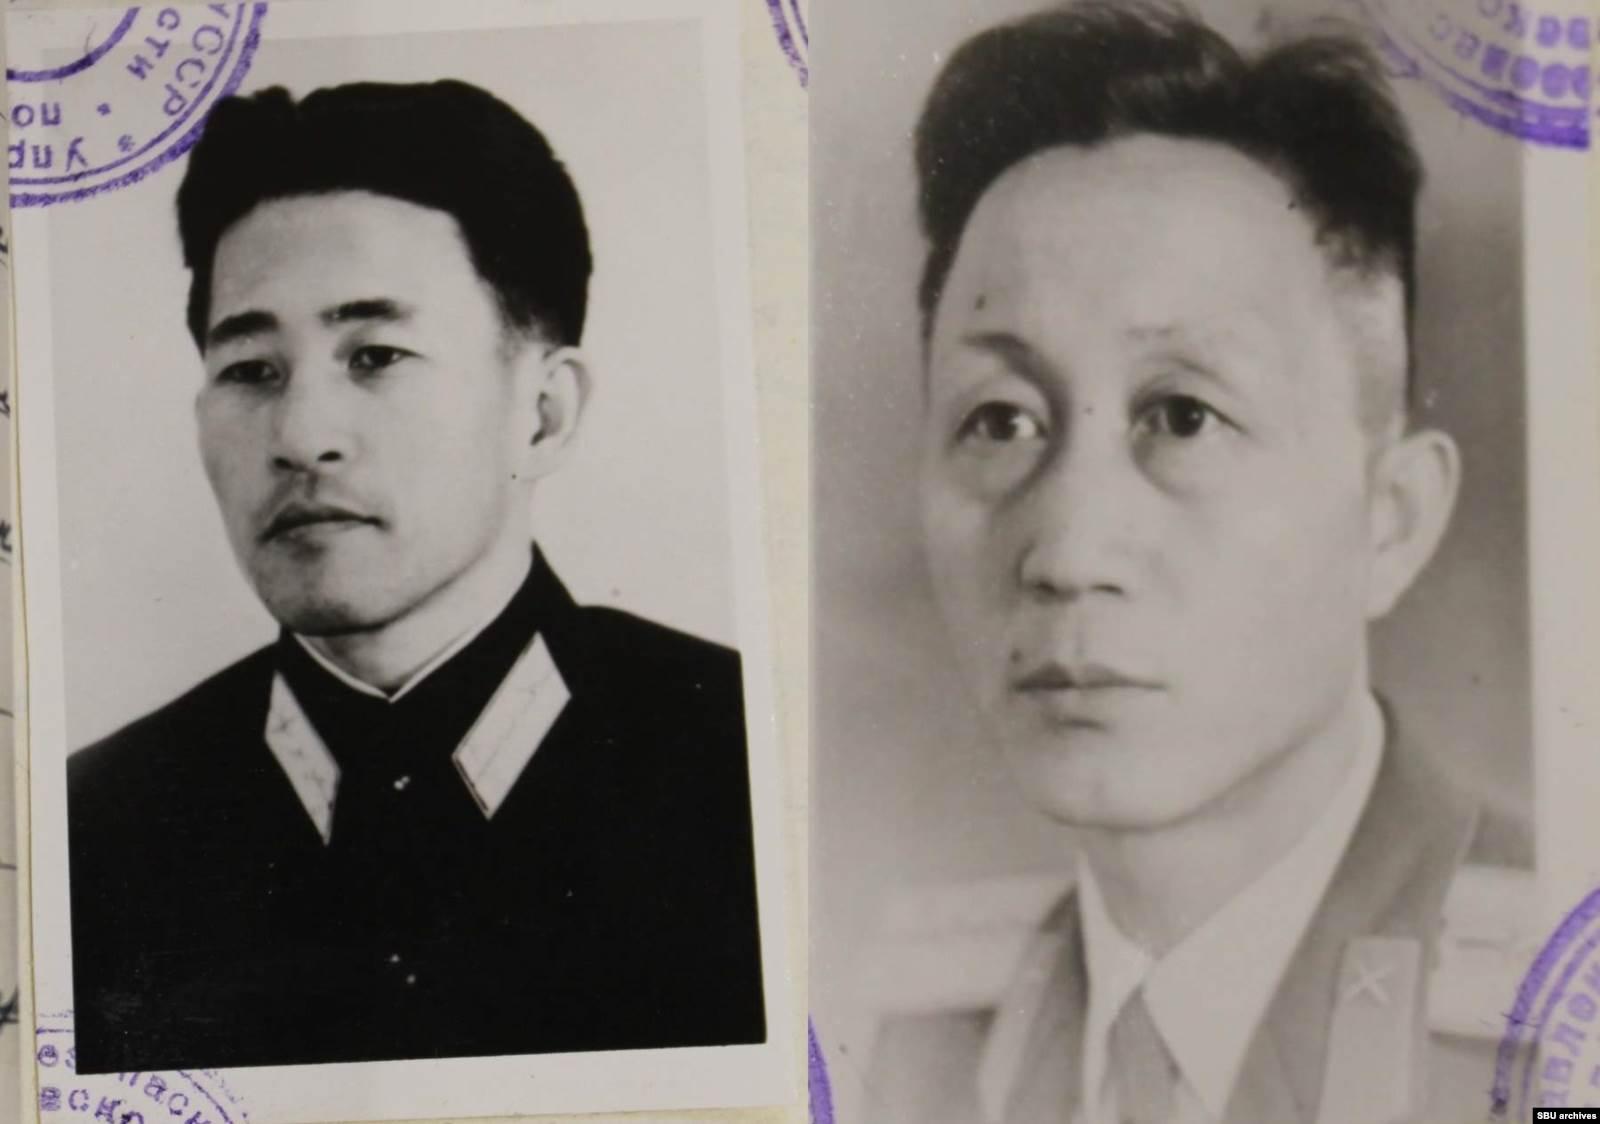 Пак и Хон. Фото из уголовного дела